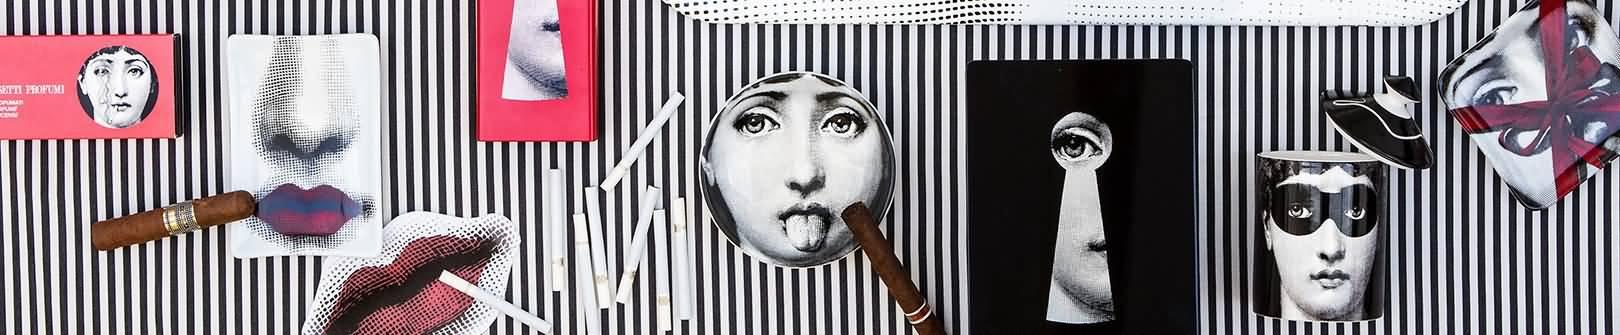 Accessori per il fumo